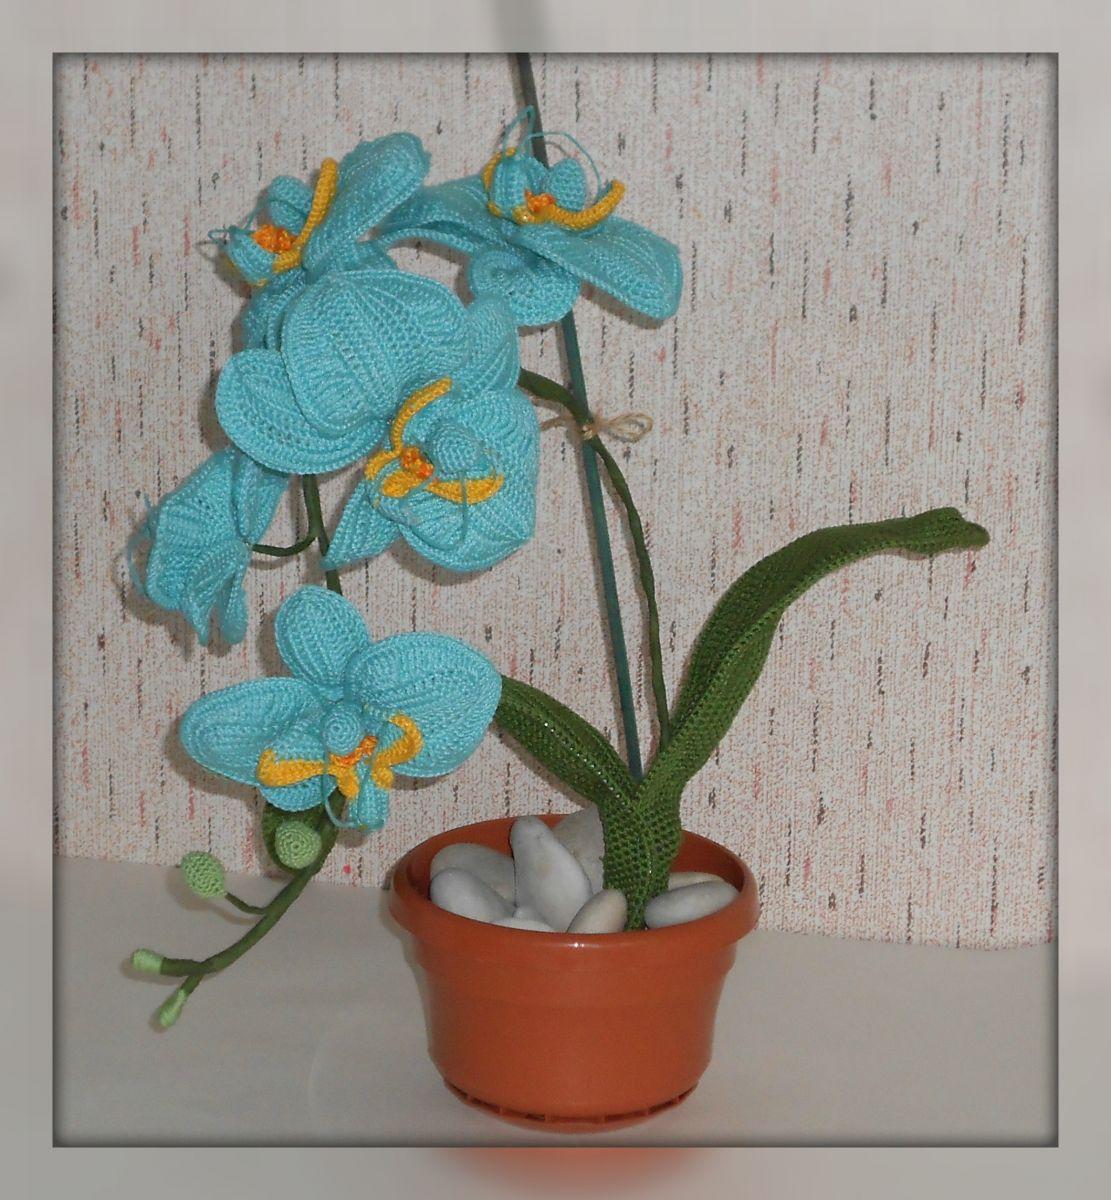 Орхидея в горшке вязаная крючком фото